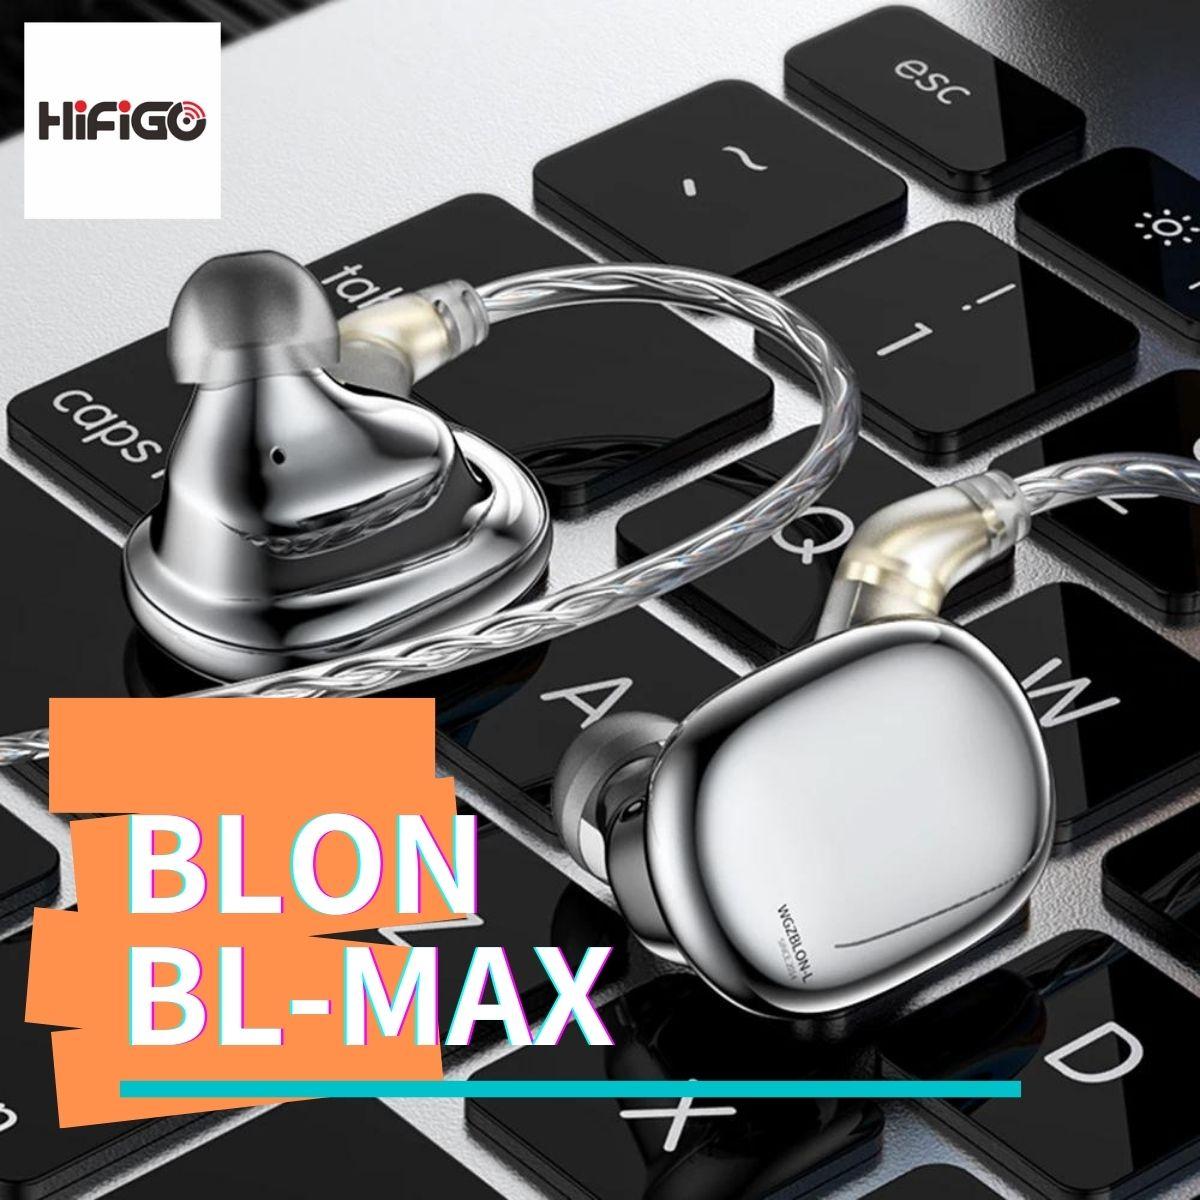 BLON BL-Max